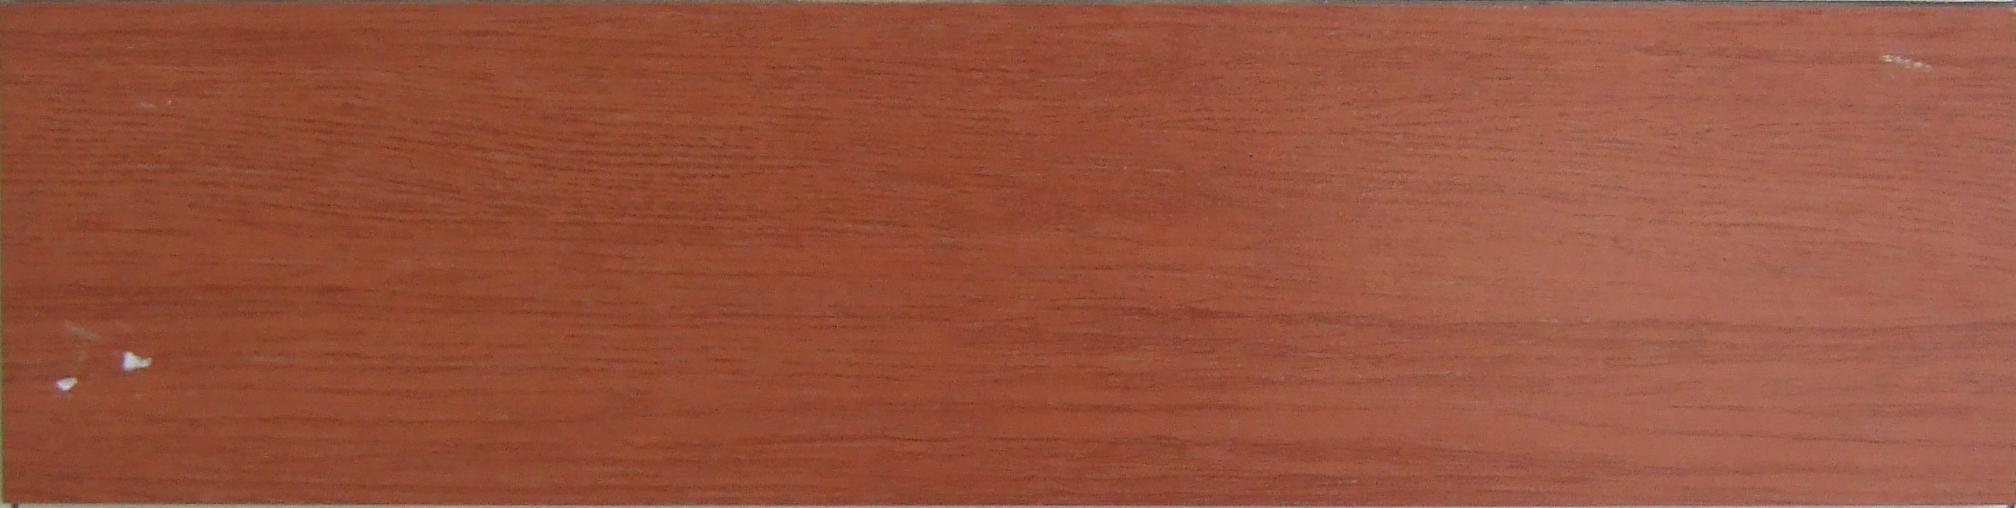 กระเบื้องลายไม้ 15x60 cm รุ่น VHB-06004B เกรด B